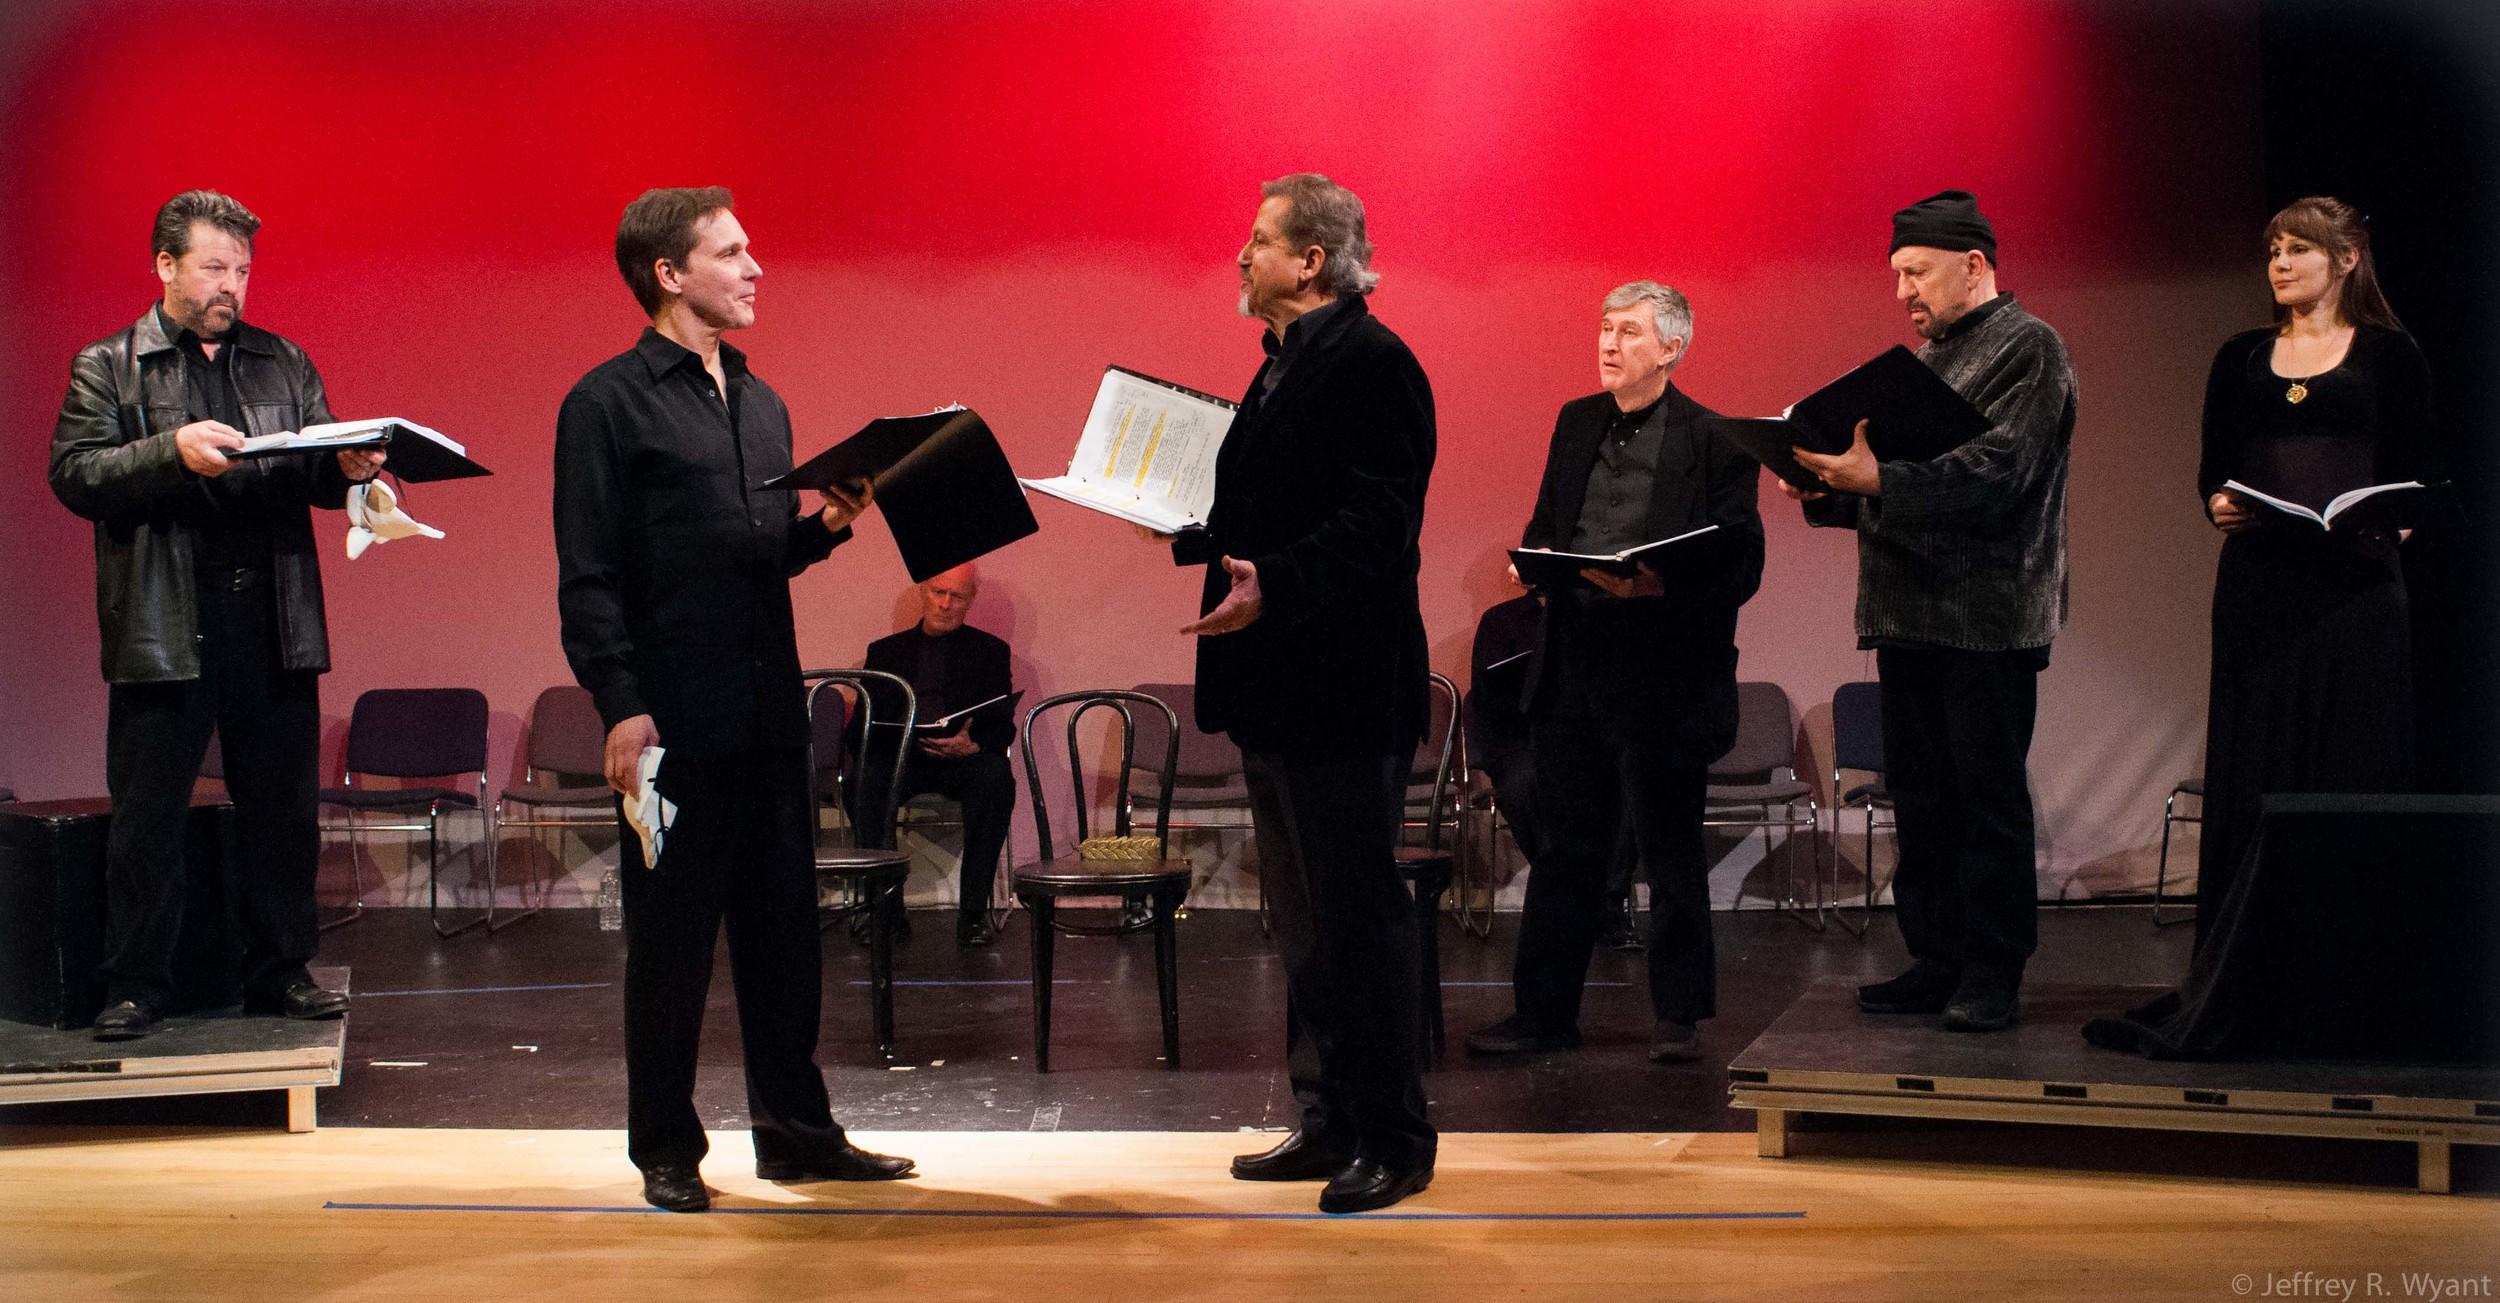 Allan Zeller, Miles Everett, Larry Reina, Damien Langan, and Tom Zingarelli.